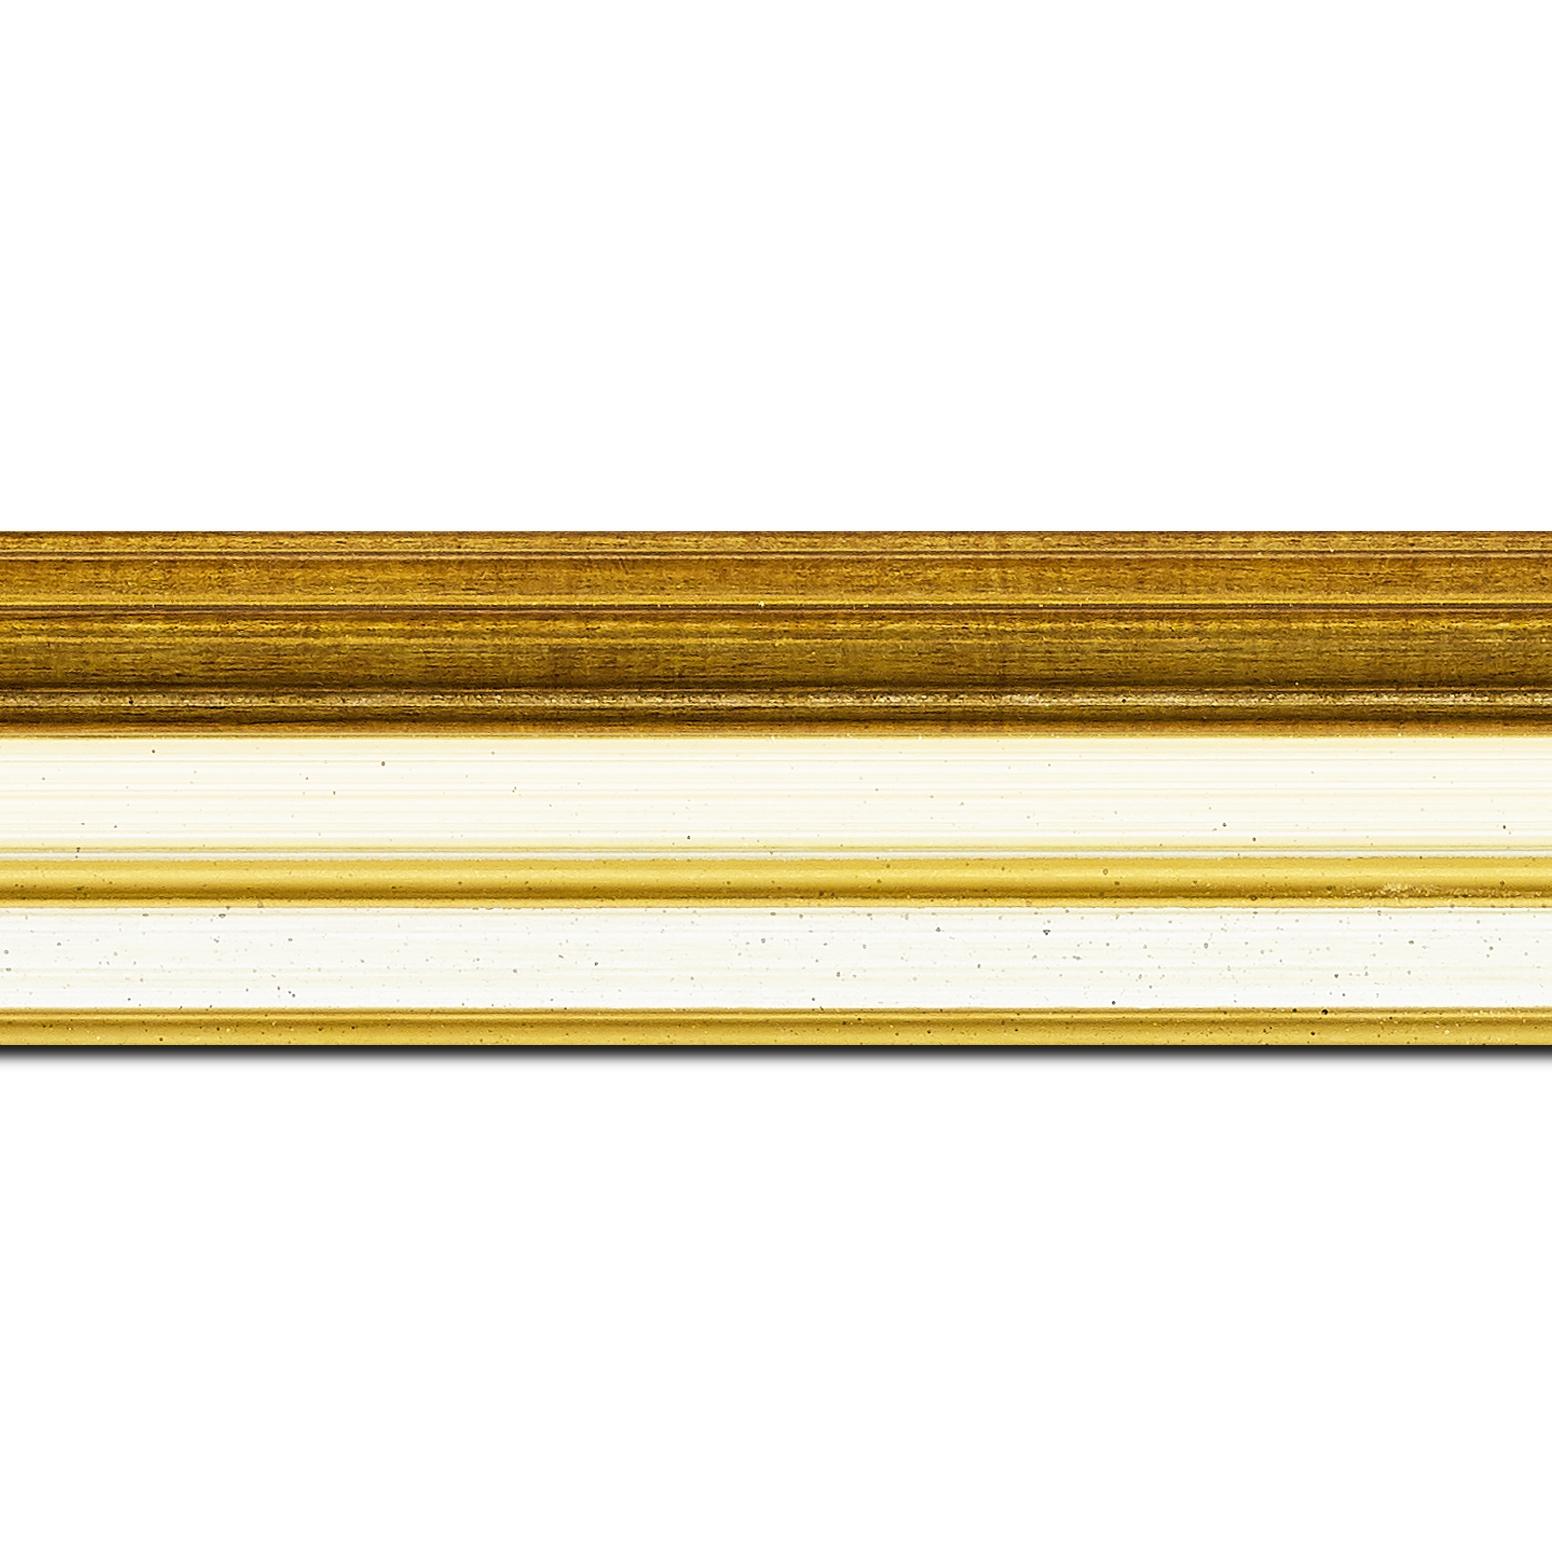 Pack par 12m, bois largeur 5.2cm or gorge crème  marie louise crème filet or intégrée(longueur baguette pouvant varier entre 2.40m et 3m selon arrivage des bois)